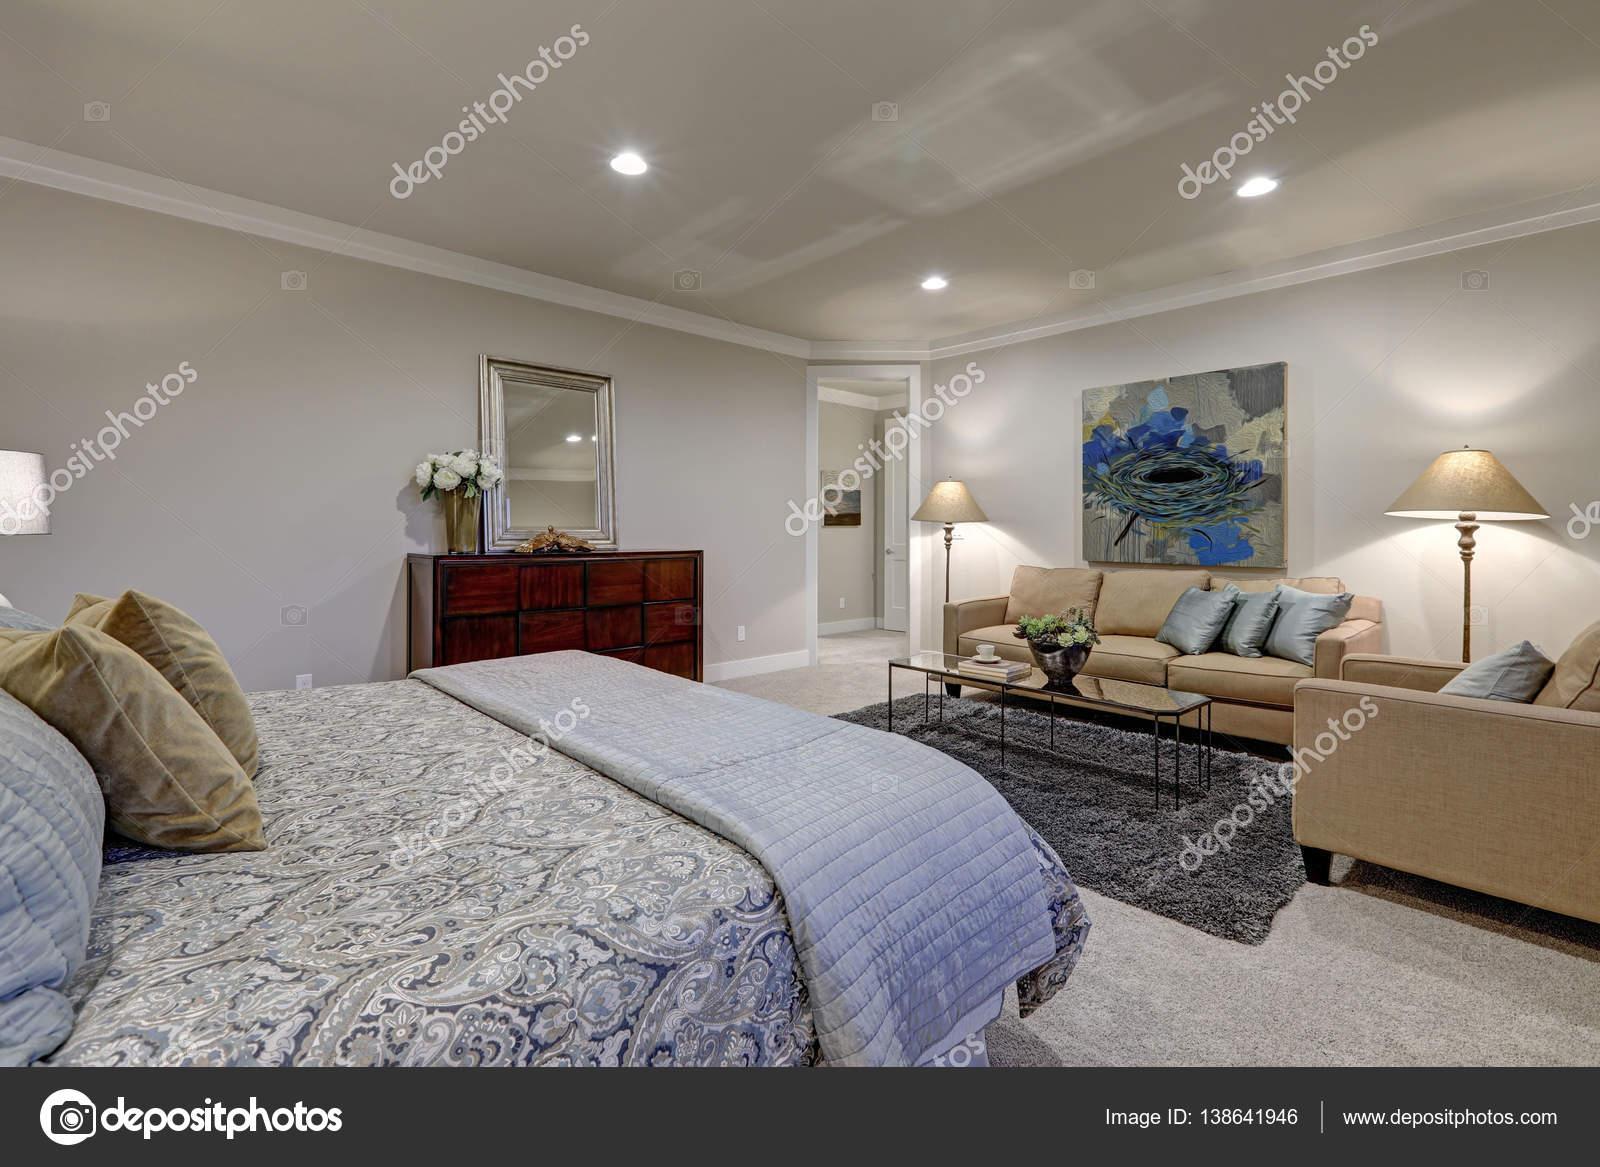 Grautone Schlafzimmer Innenraum Mit Queensize Bett Stockfoto